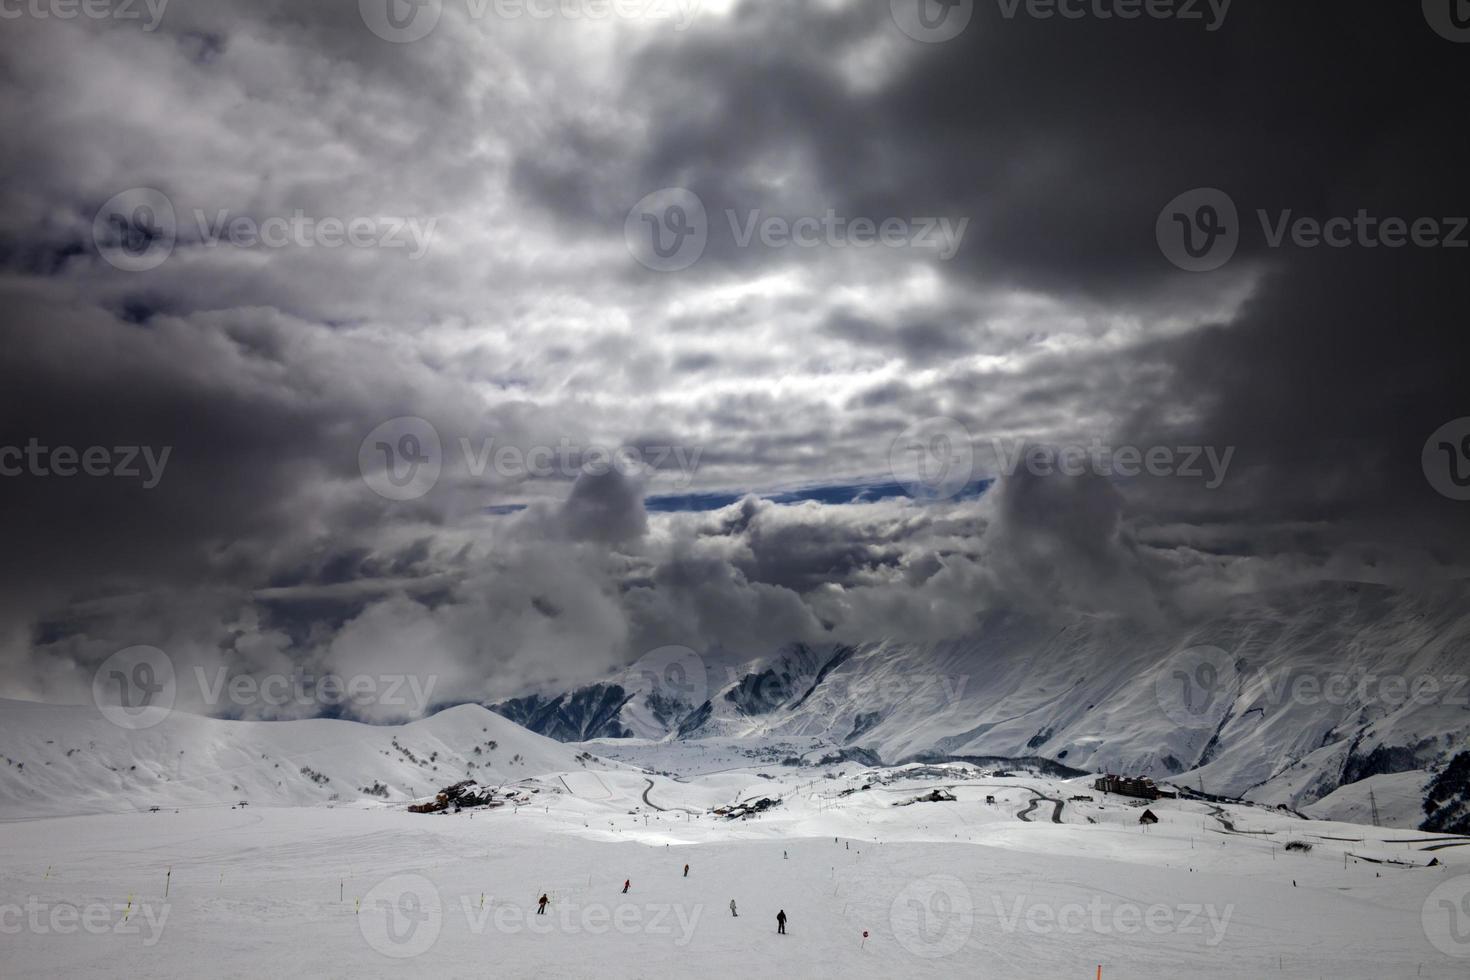 pista de esqui antes da tempestade foto